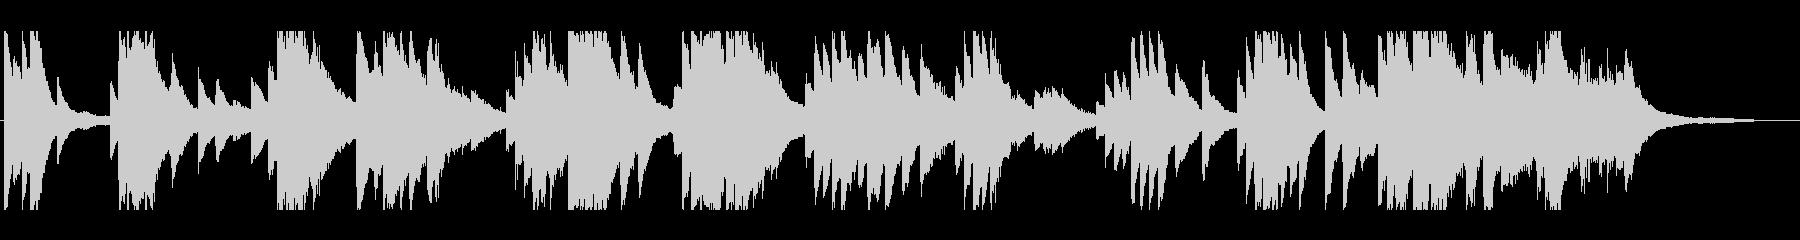 和やかで優しい雰囲気の ピアノソロの未再生の波形